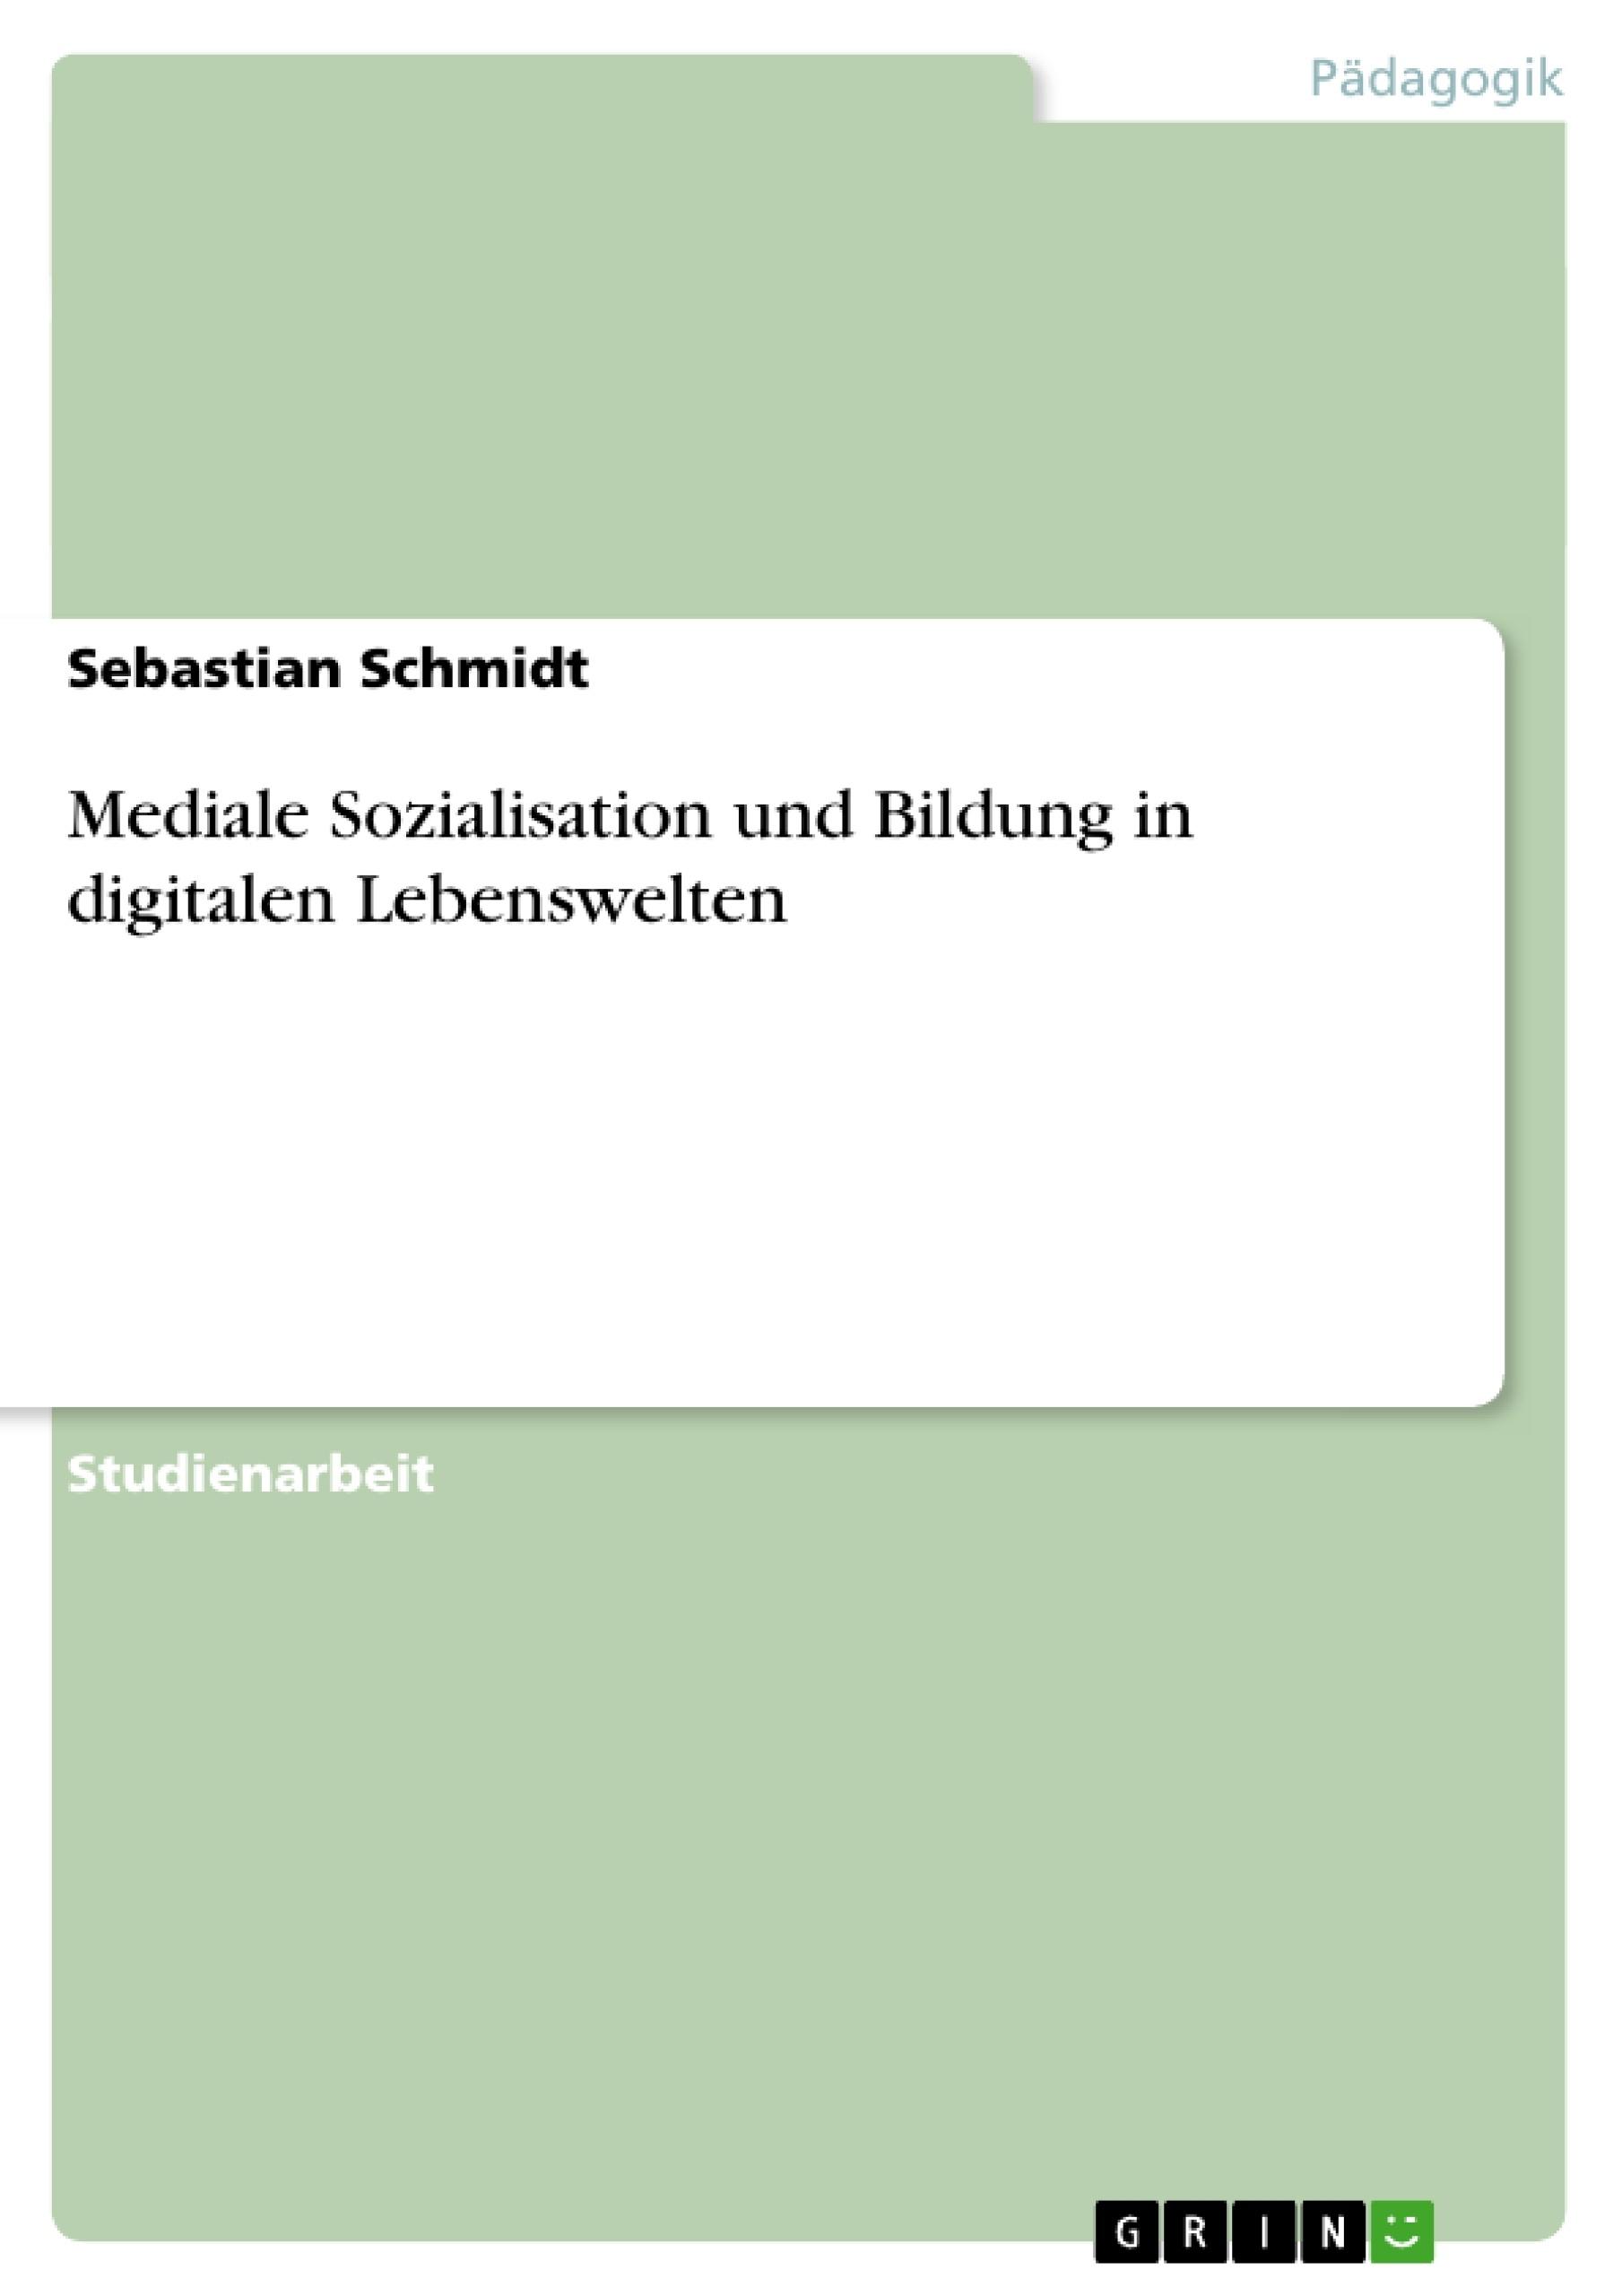 Titel: Mediale Sozialisation und Bildung in digitalen Lebenswelten